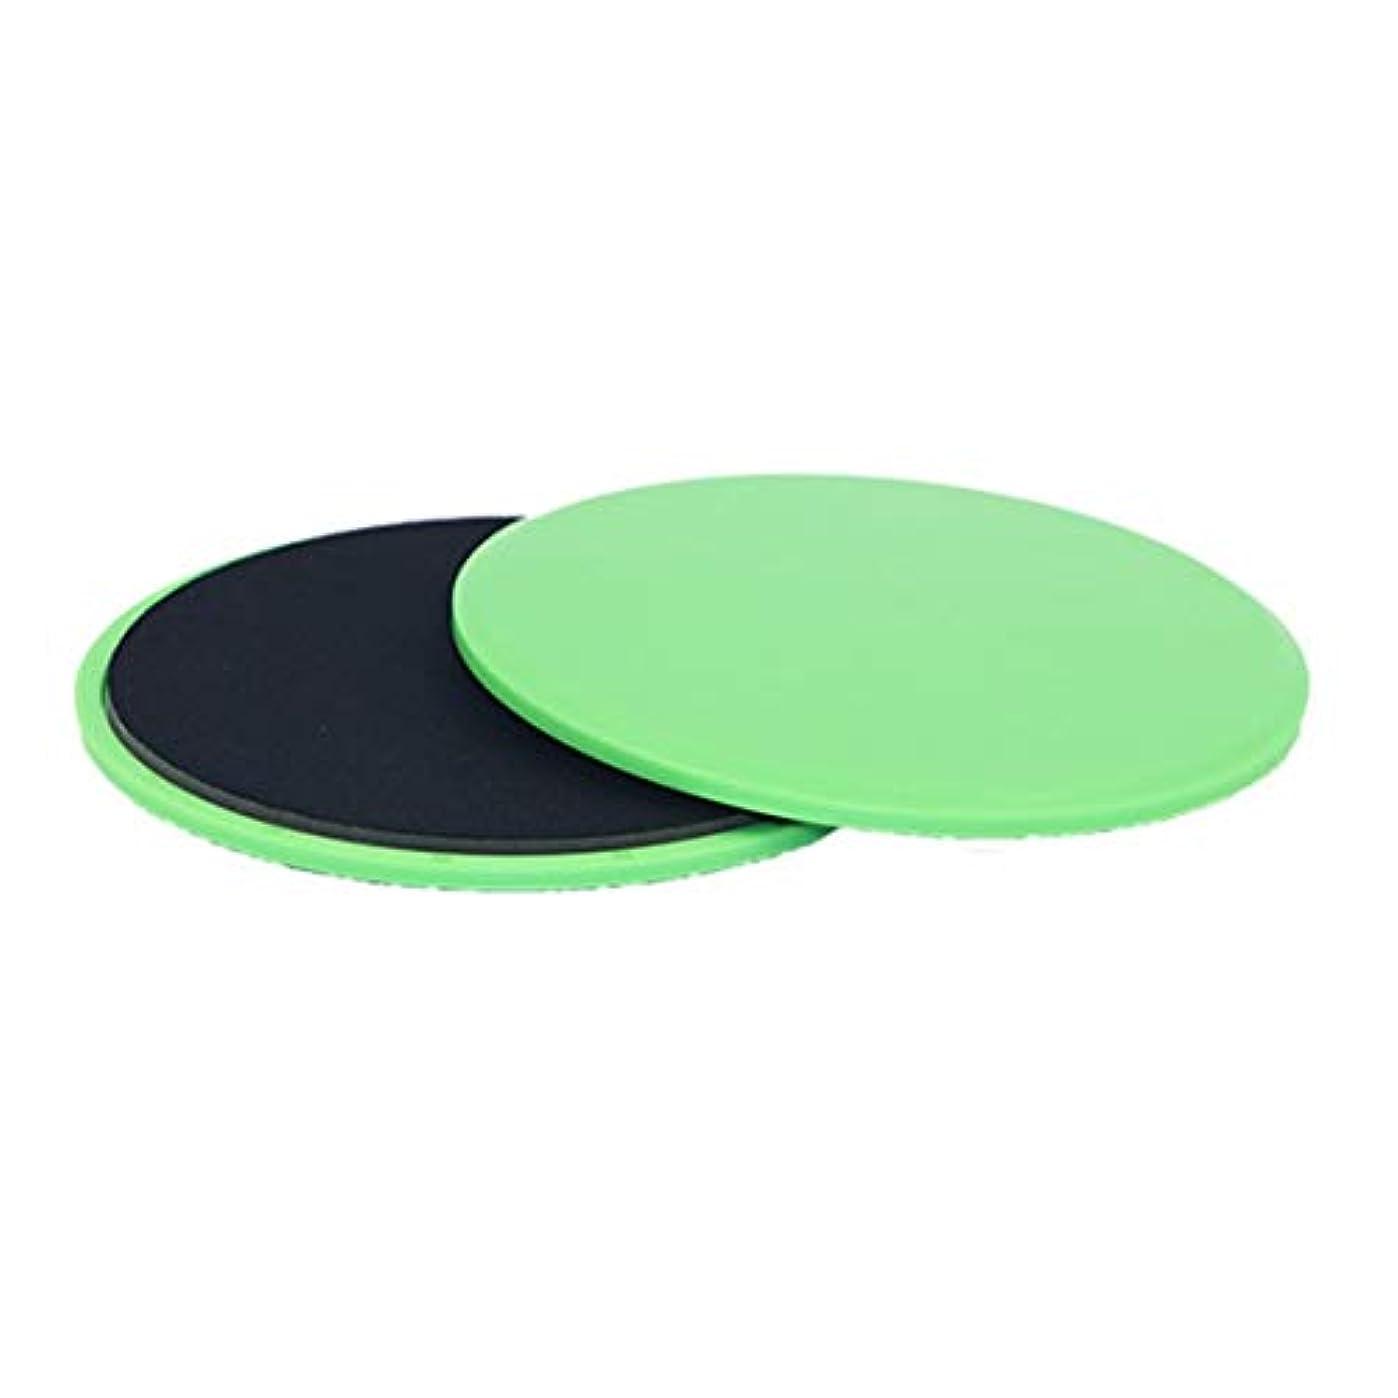 接尾辞ばかげている近々フィットネススライドグライディングディスクコーディネーション能力フィットネスエクササイズスライダーコアトレーニング用腹部と全身トレーニング - グリーン